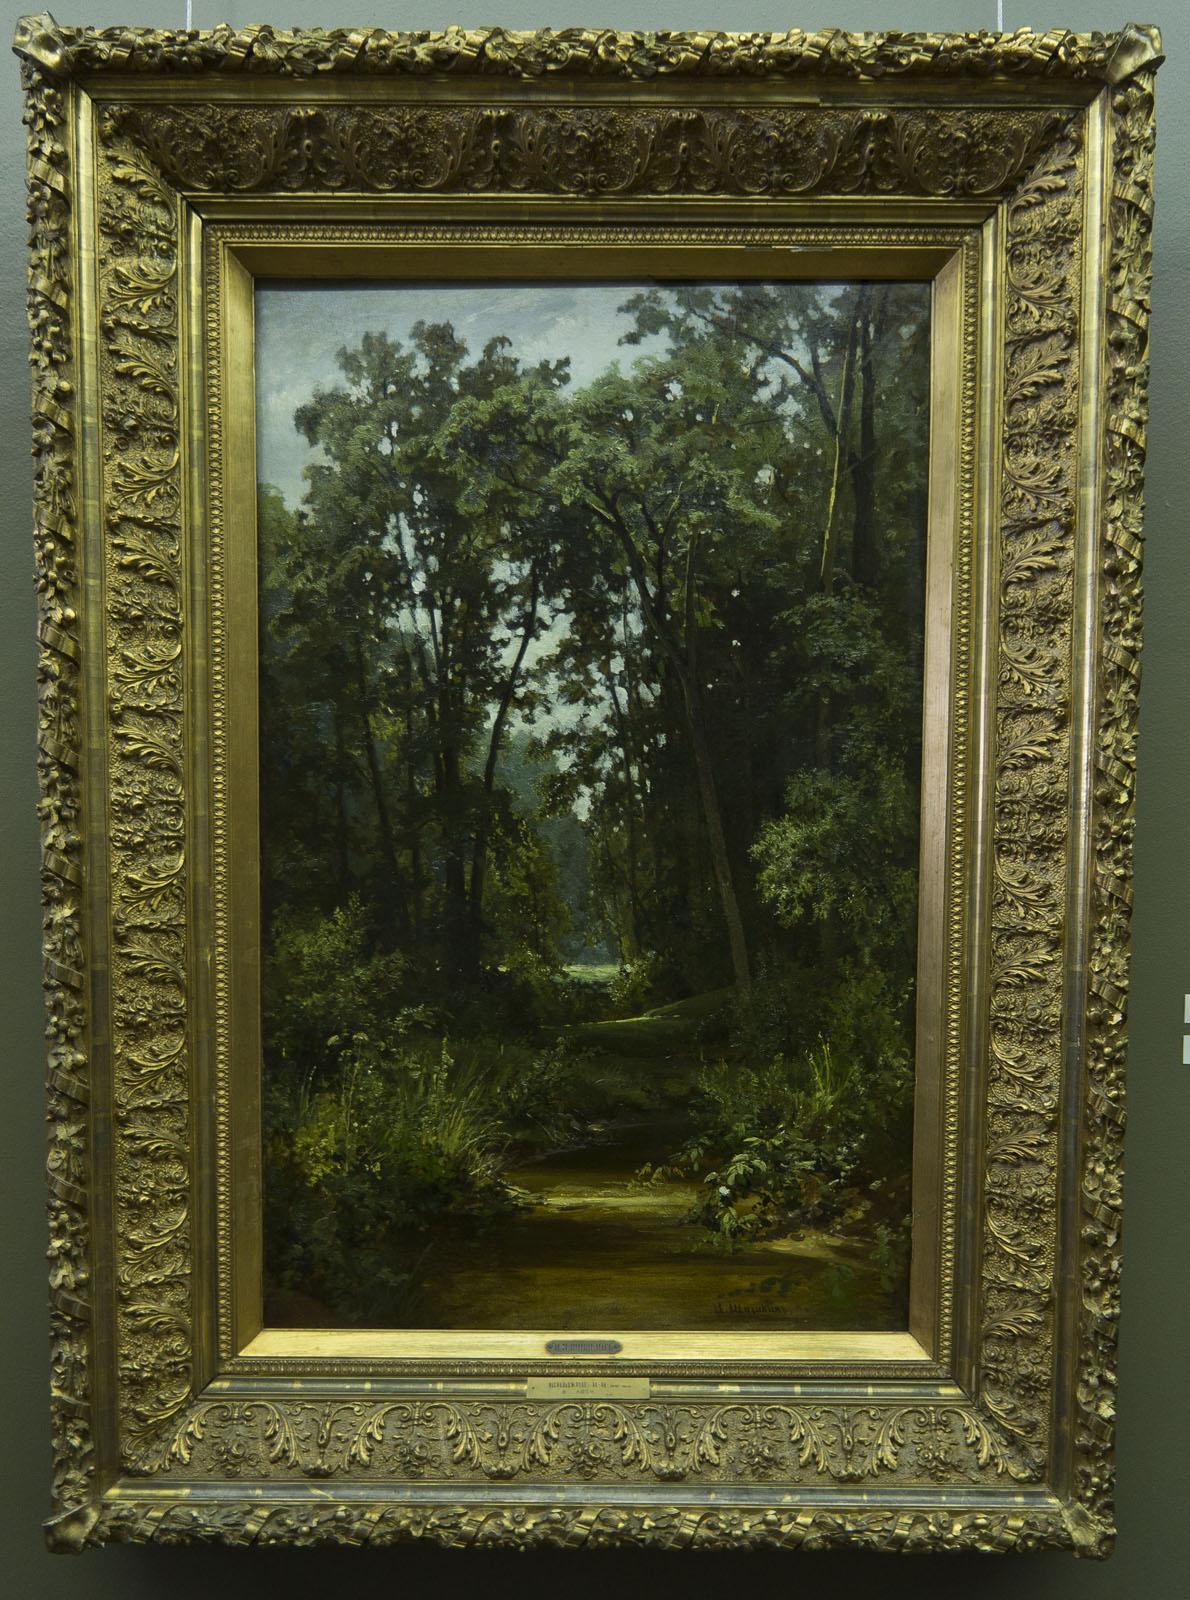 Фото №80083. В лесу. 1880 (?). Шишкин И.И. (1832-1898)